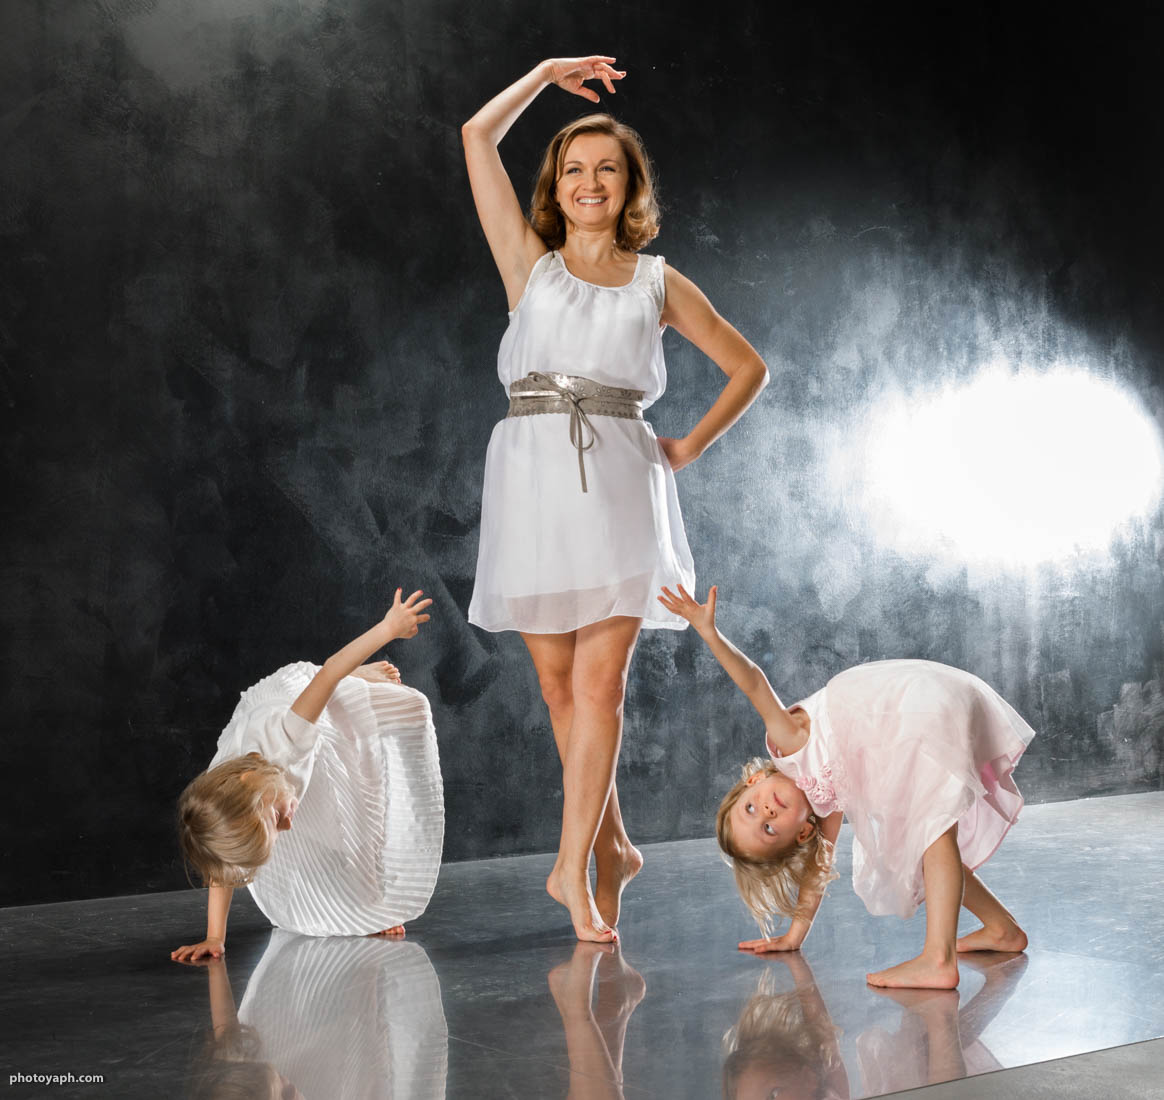 Im Fotostudio Yaph in Trier ist viel Platz zum Tanzen und Spielen wenn man Kinderfotos oder Familienfotos machen lässt